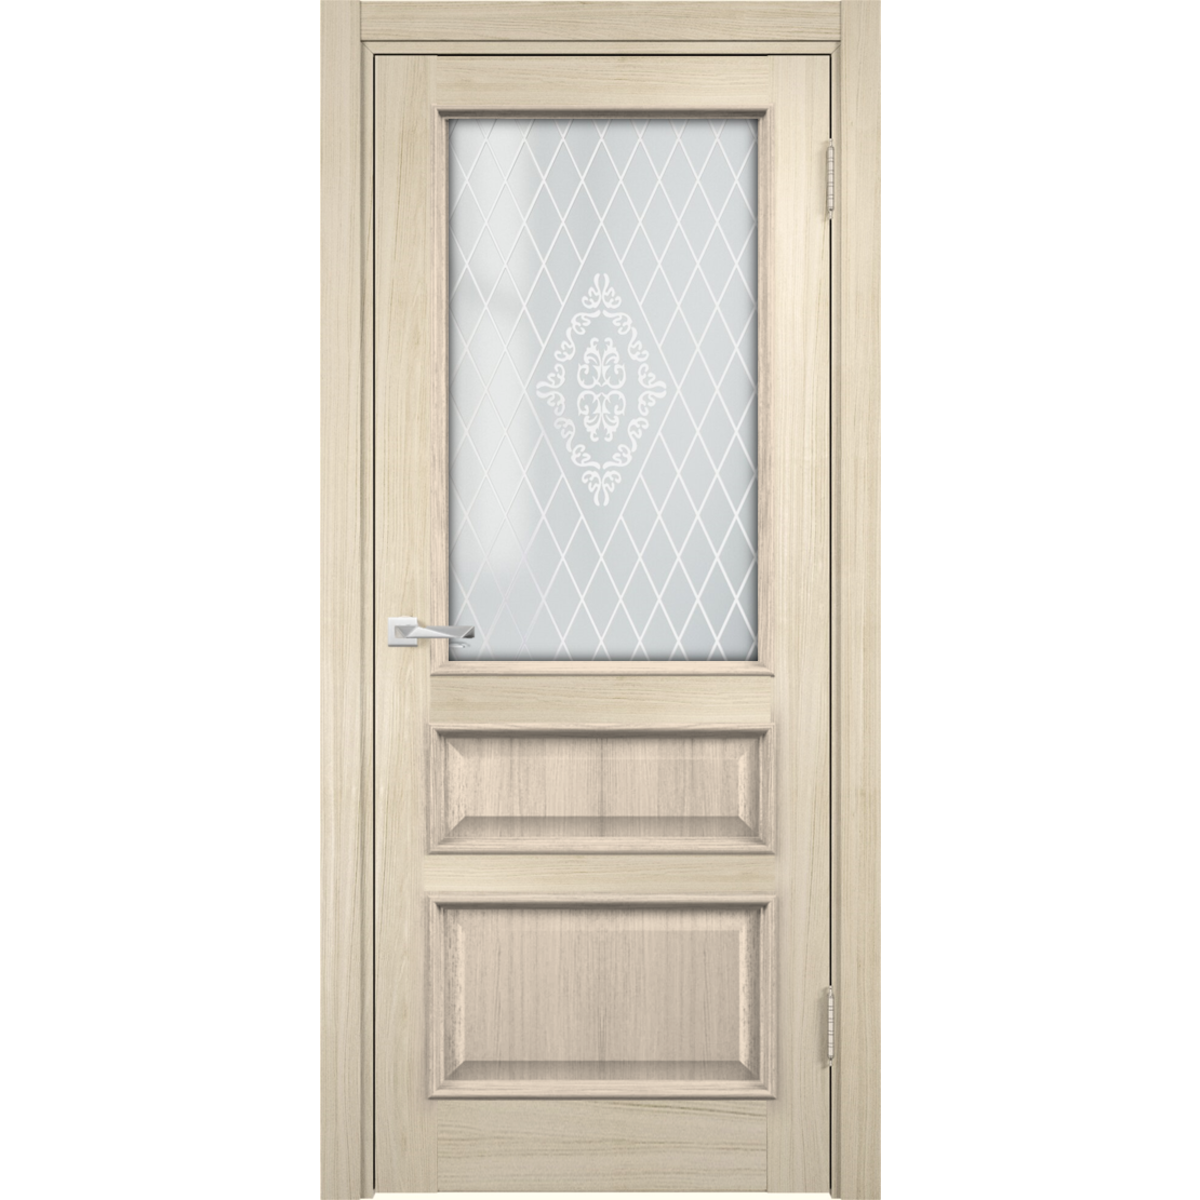 Дверь межкомнатная остеклённая с замком в комплекте Барселона 200x60 см ПВХ цвет дымчатый дуб